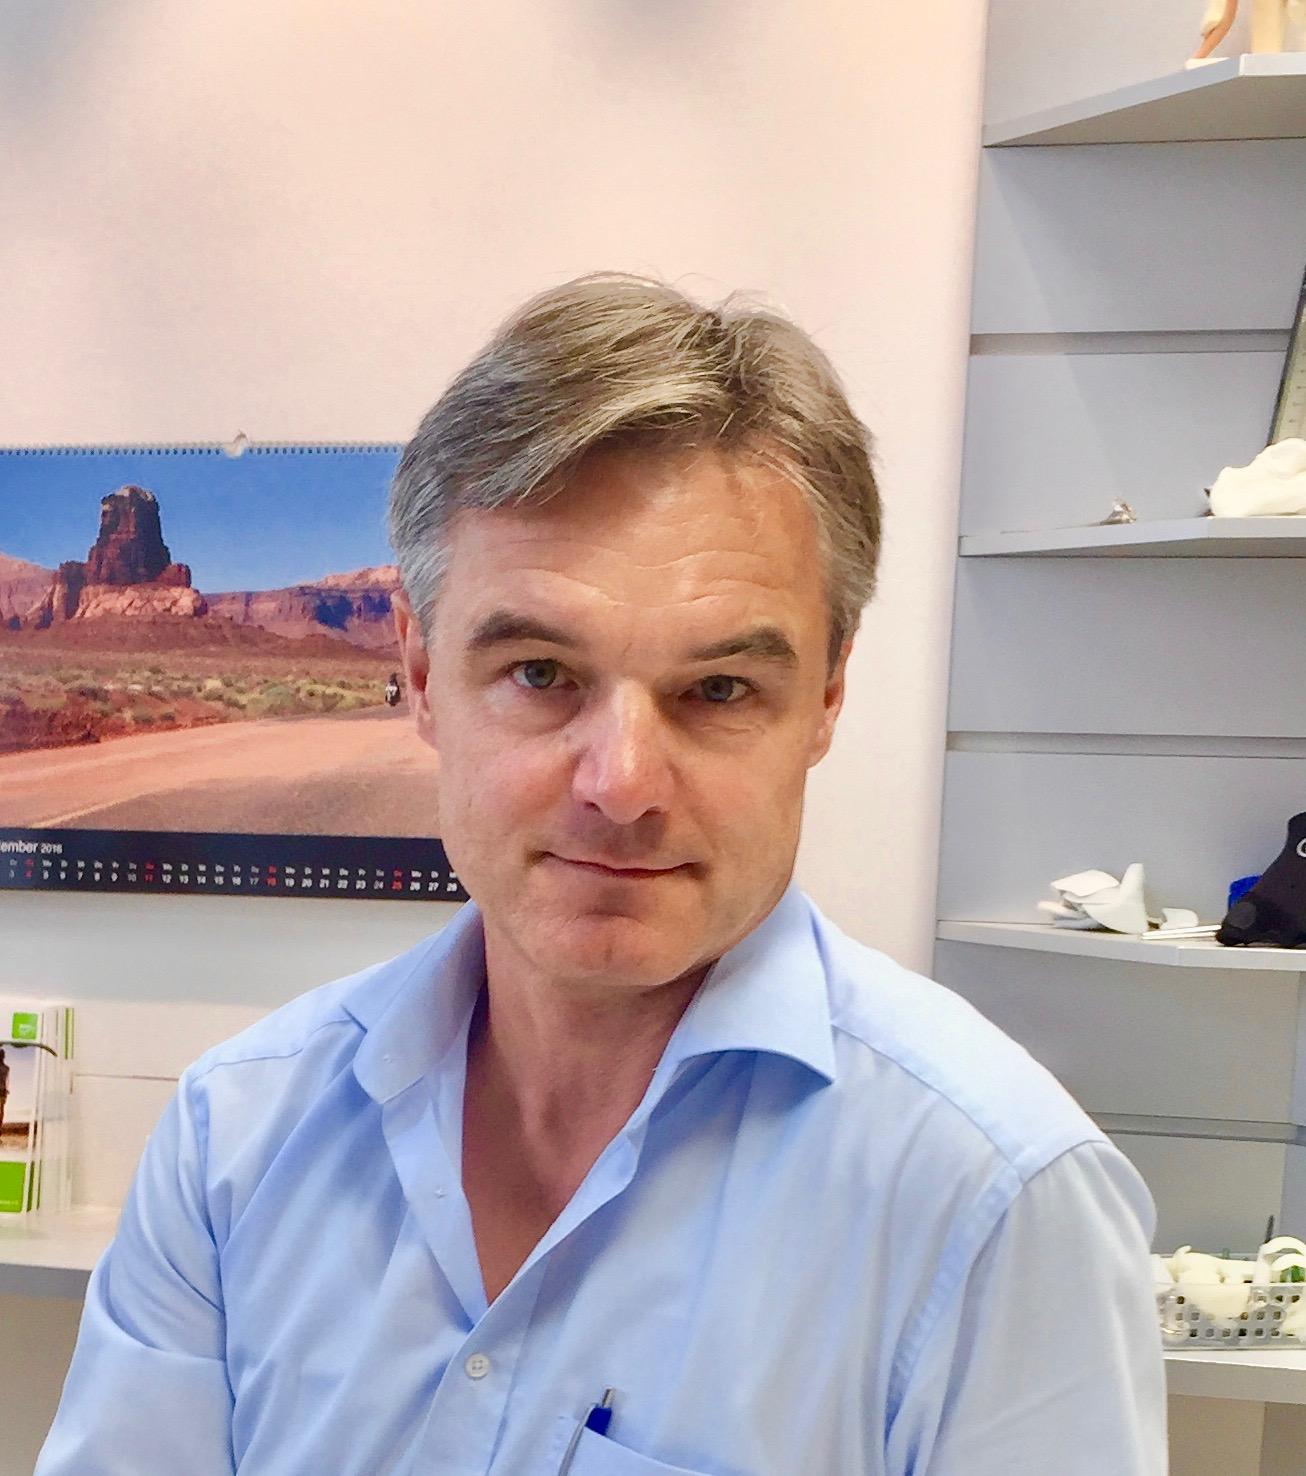 Dr. Dirk Hedrich; Facharzt für Orthopädie und Unfallchirurgie, Rheumatologie